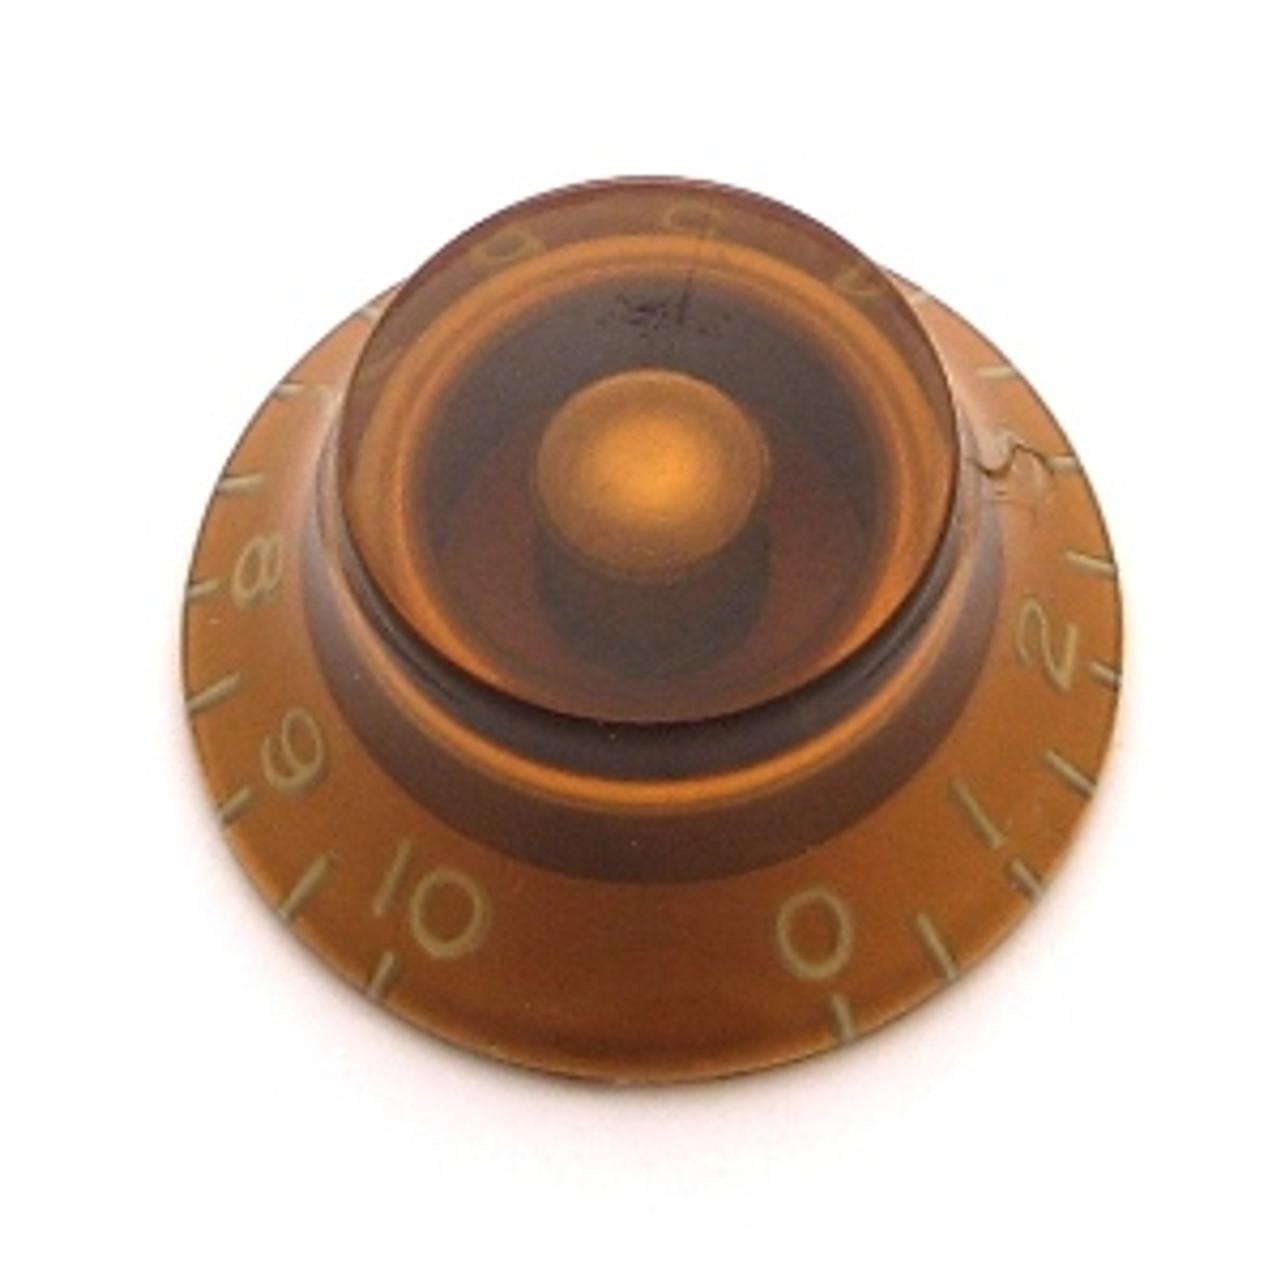 Bell Knob w/ Fine Splines-Amber